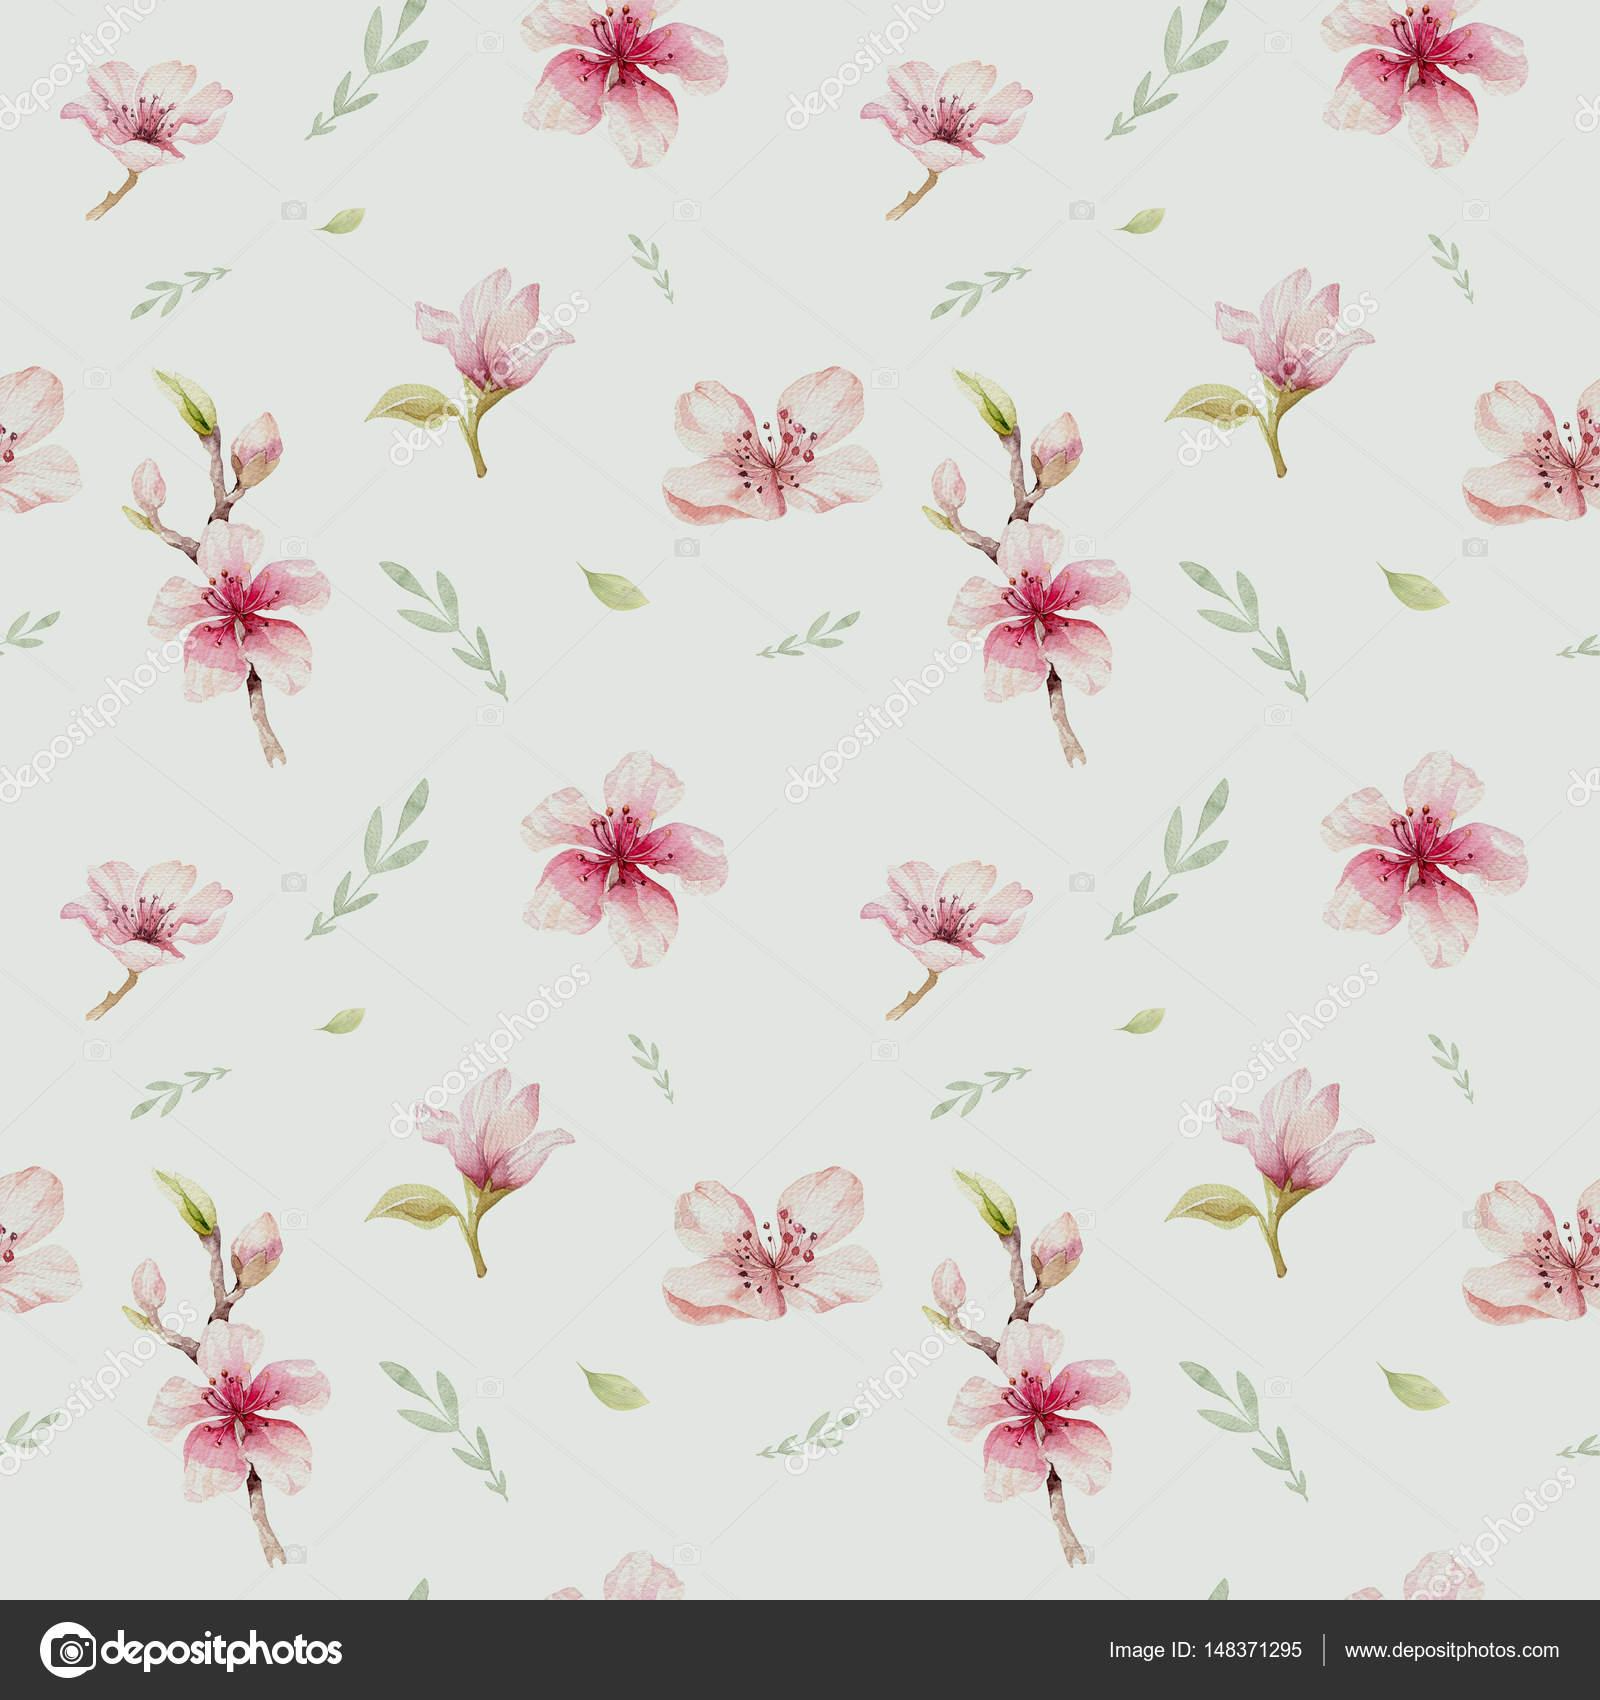 Papel De Parede Com Flores De Cereja Flor Stock Photo Mykef  -> Modelos De Papel De Parede Em Forma De Flores